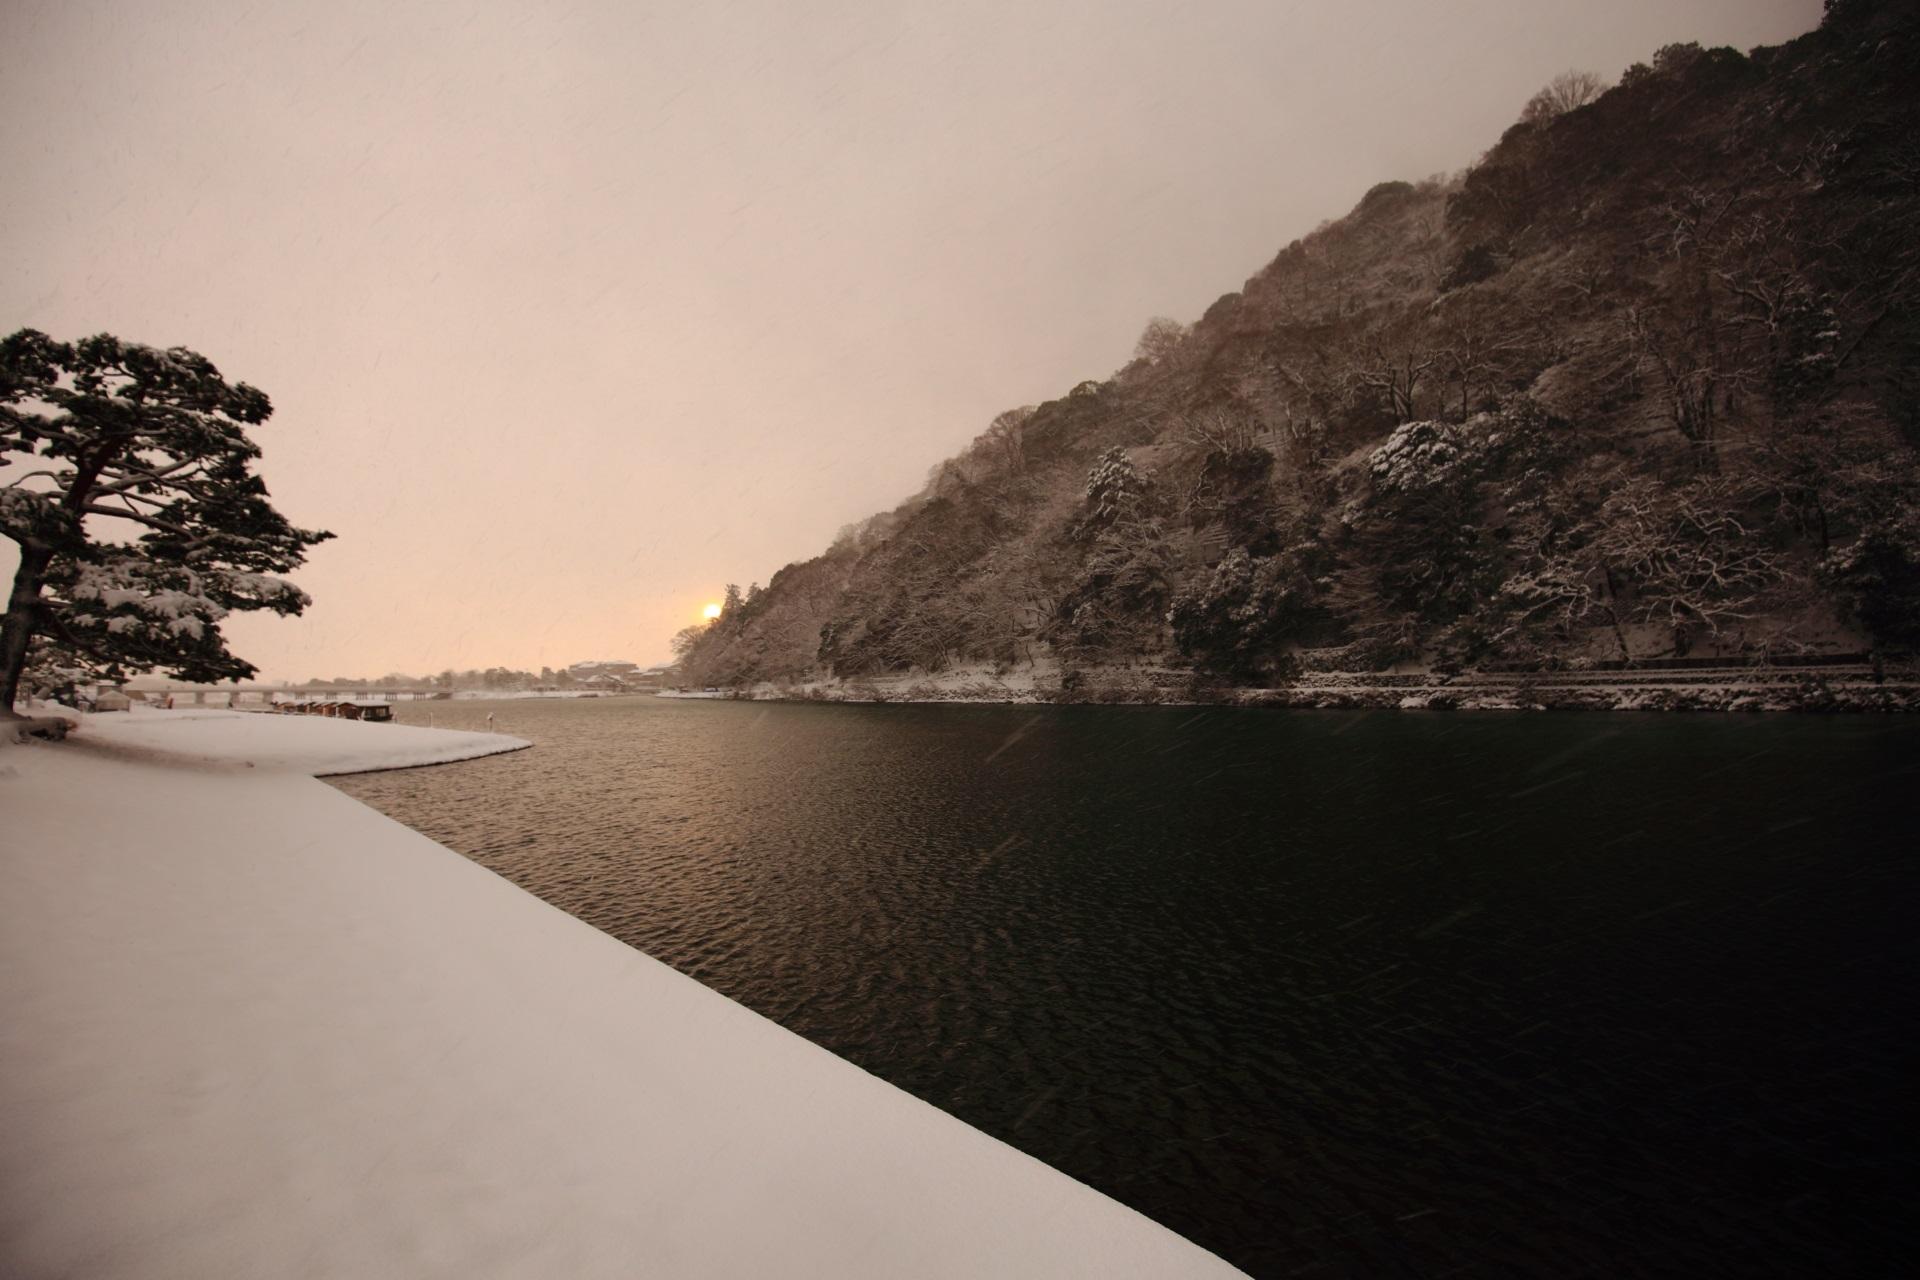 桂川と嵐山の夜明けの雪景色